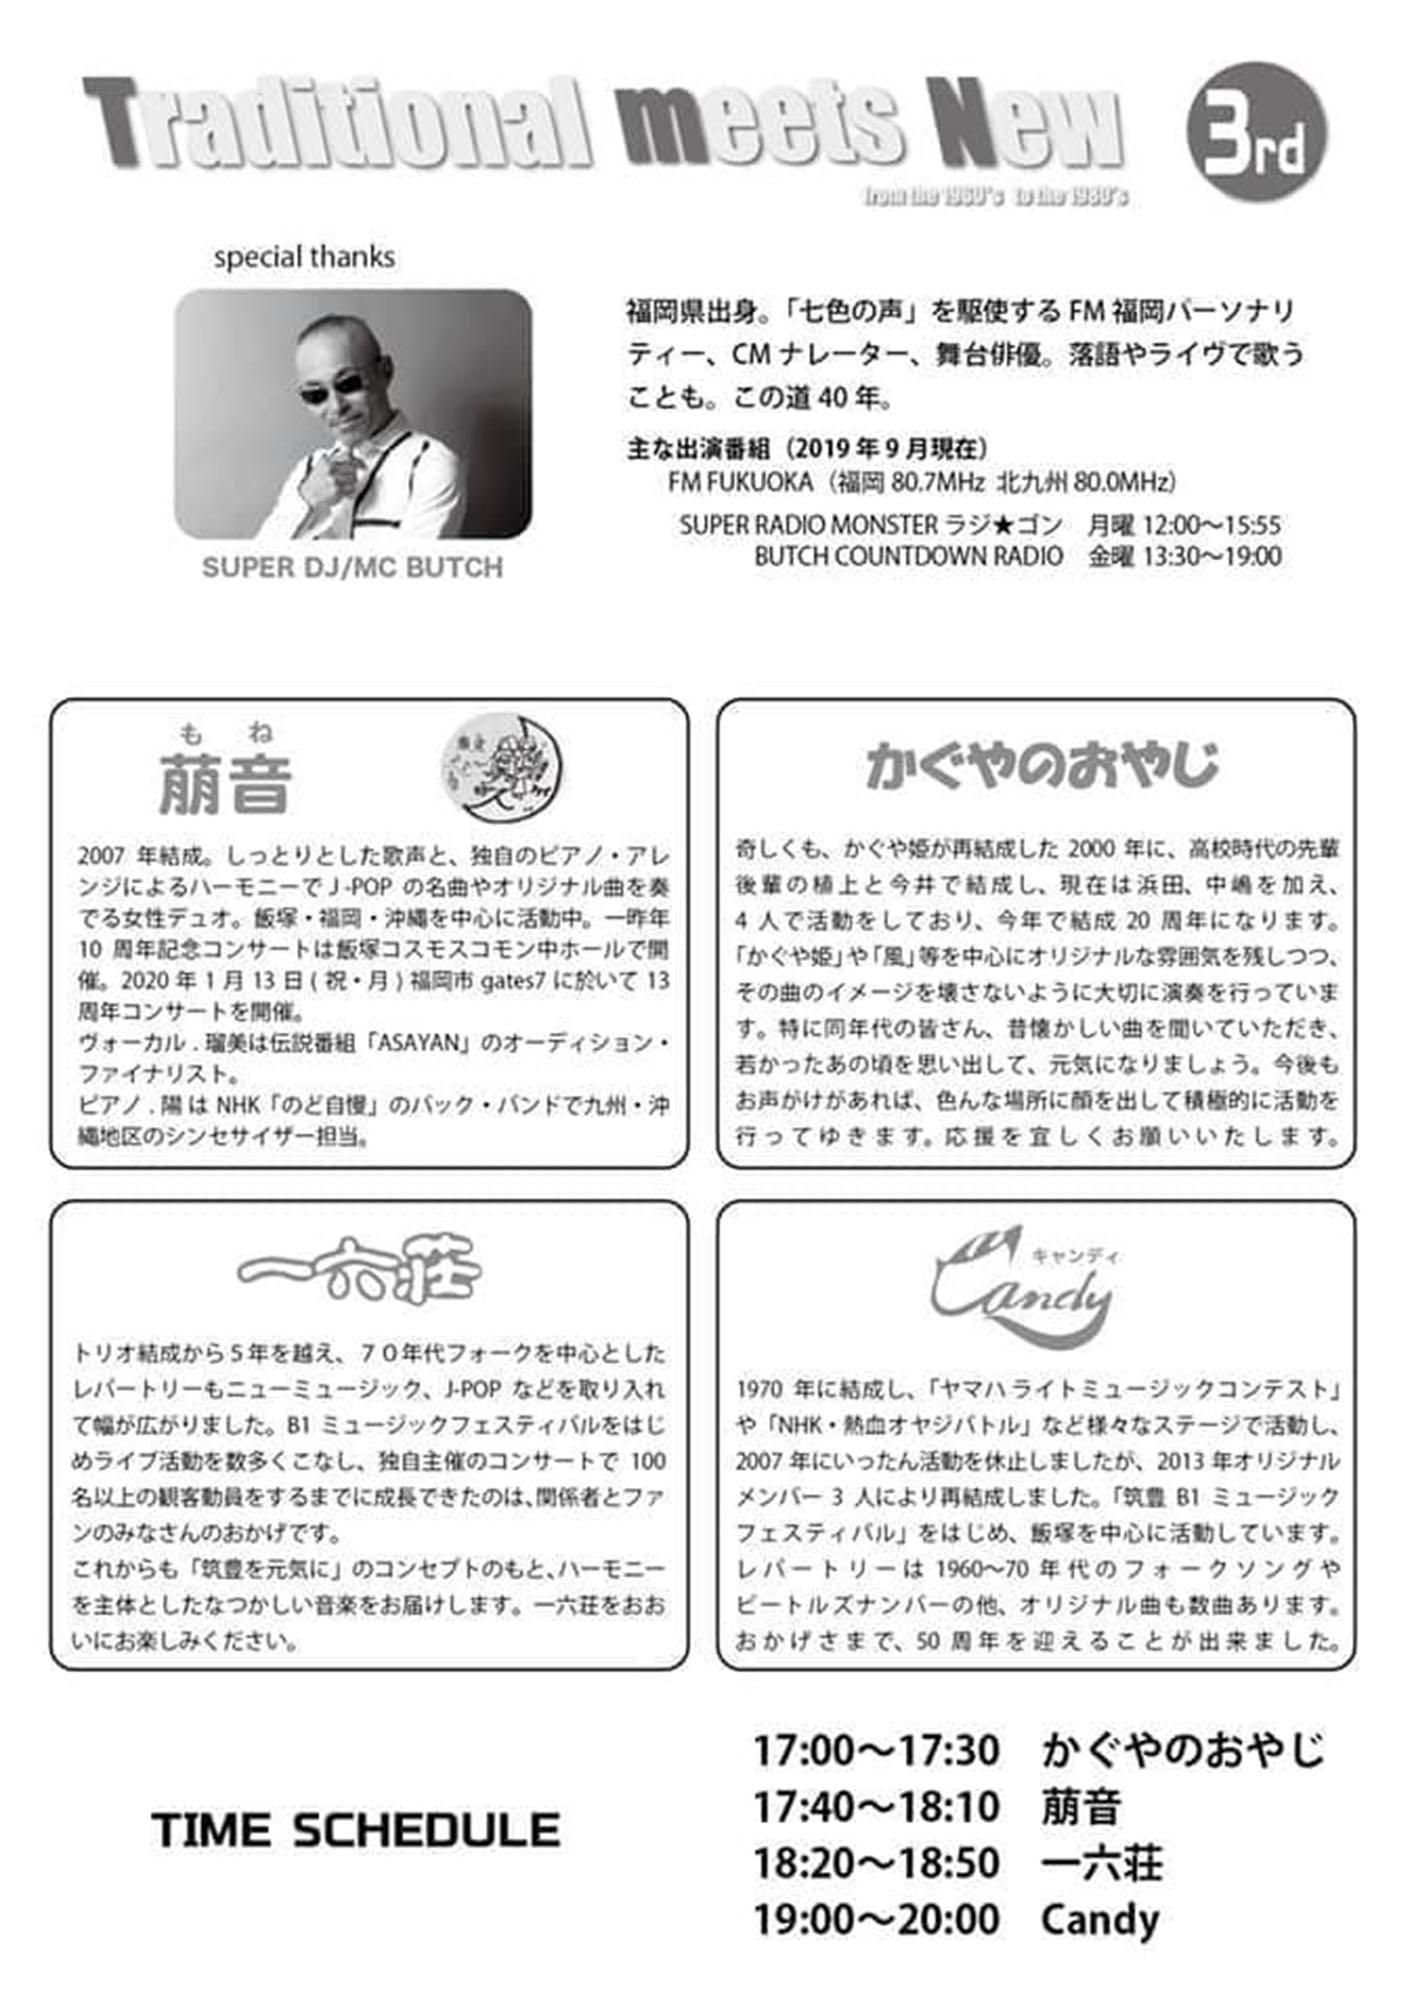 Traditionai meets New 3rd キャンディ結成50周年ライブ